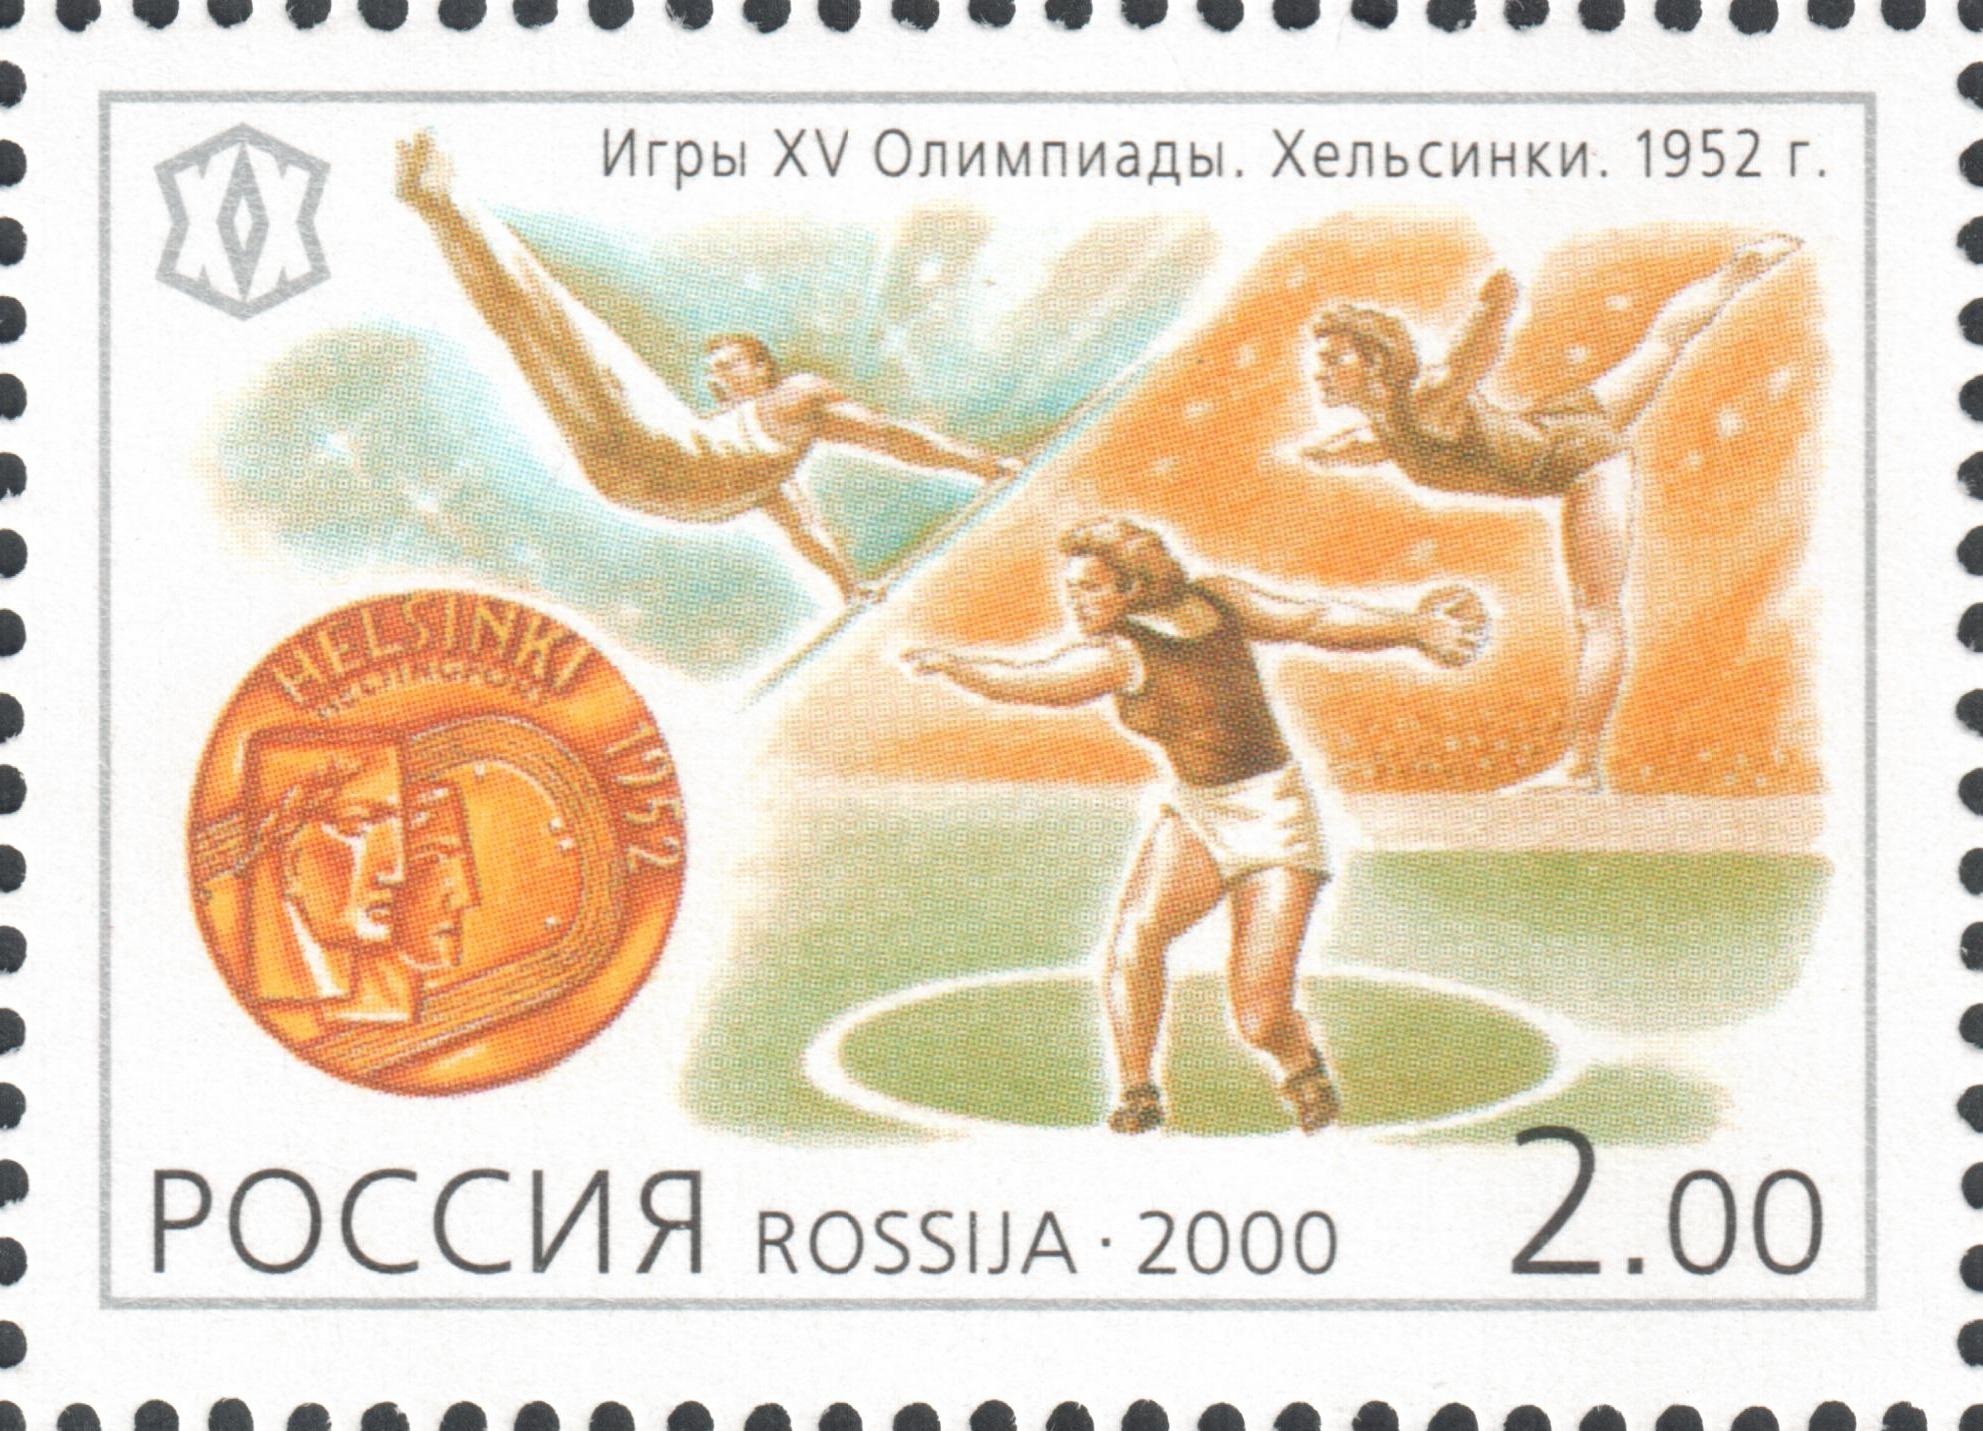 XV Летние Олимпийские игры 1952 года в Хельсинки